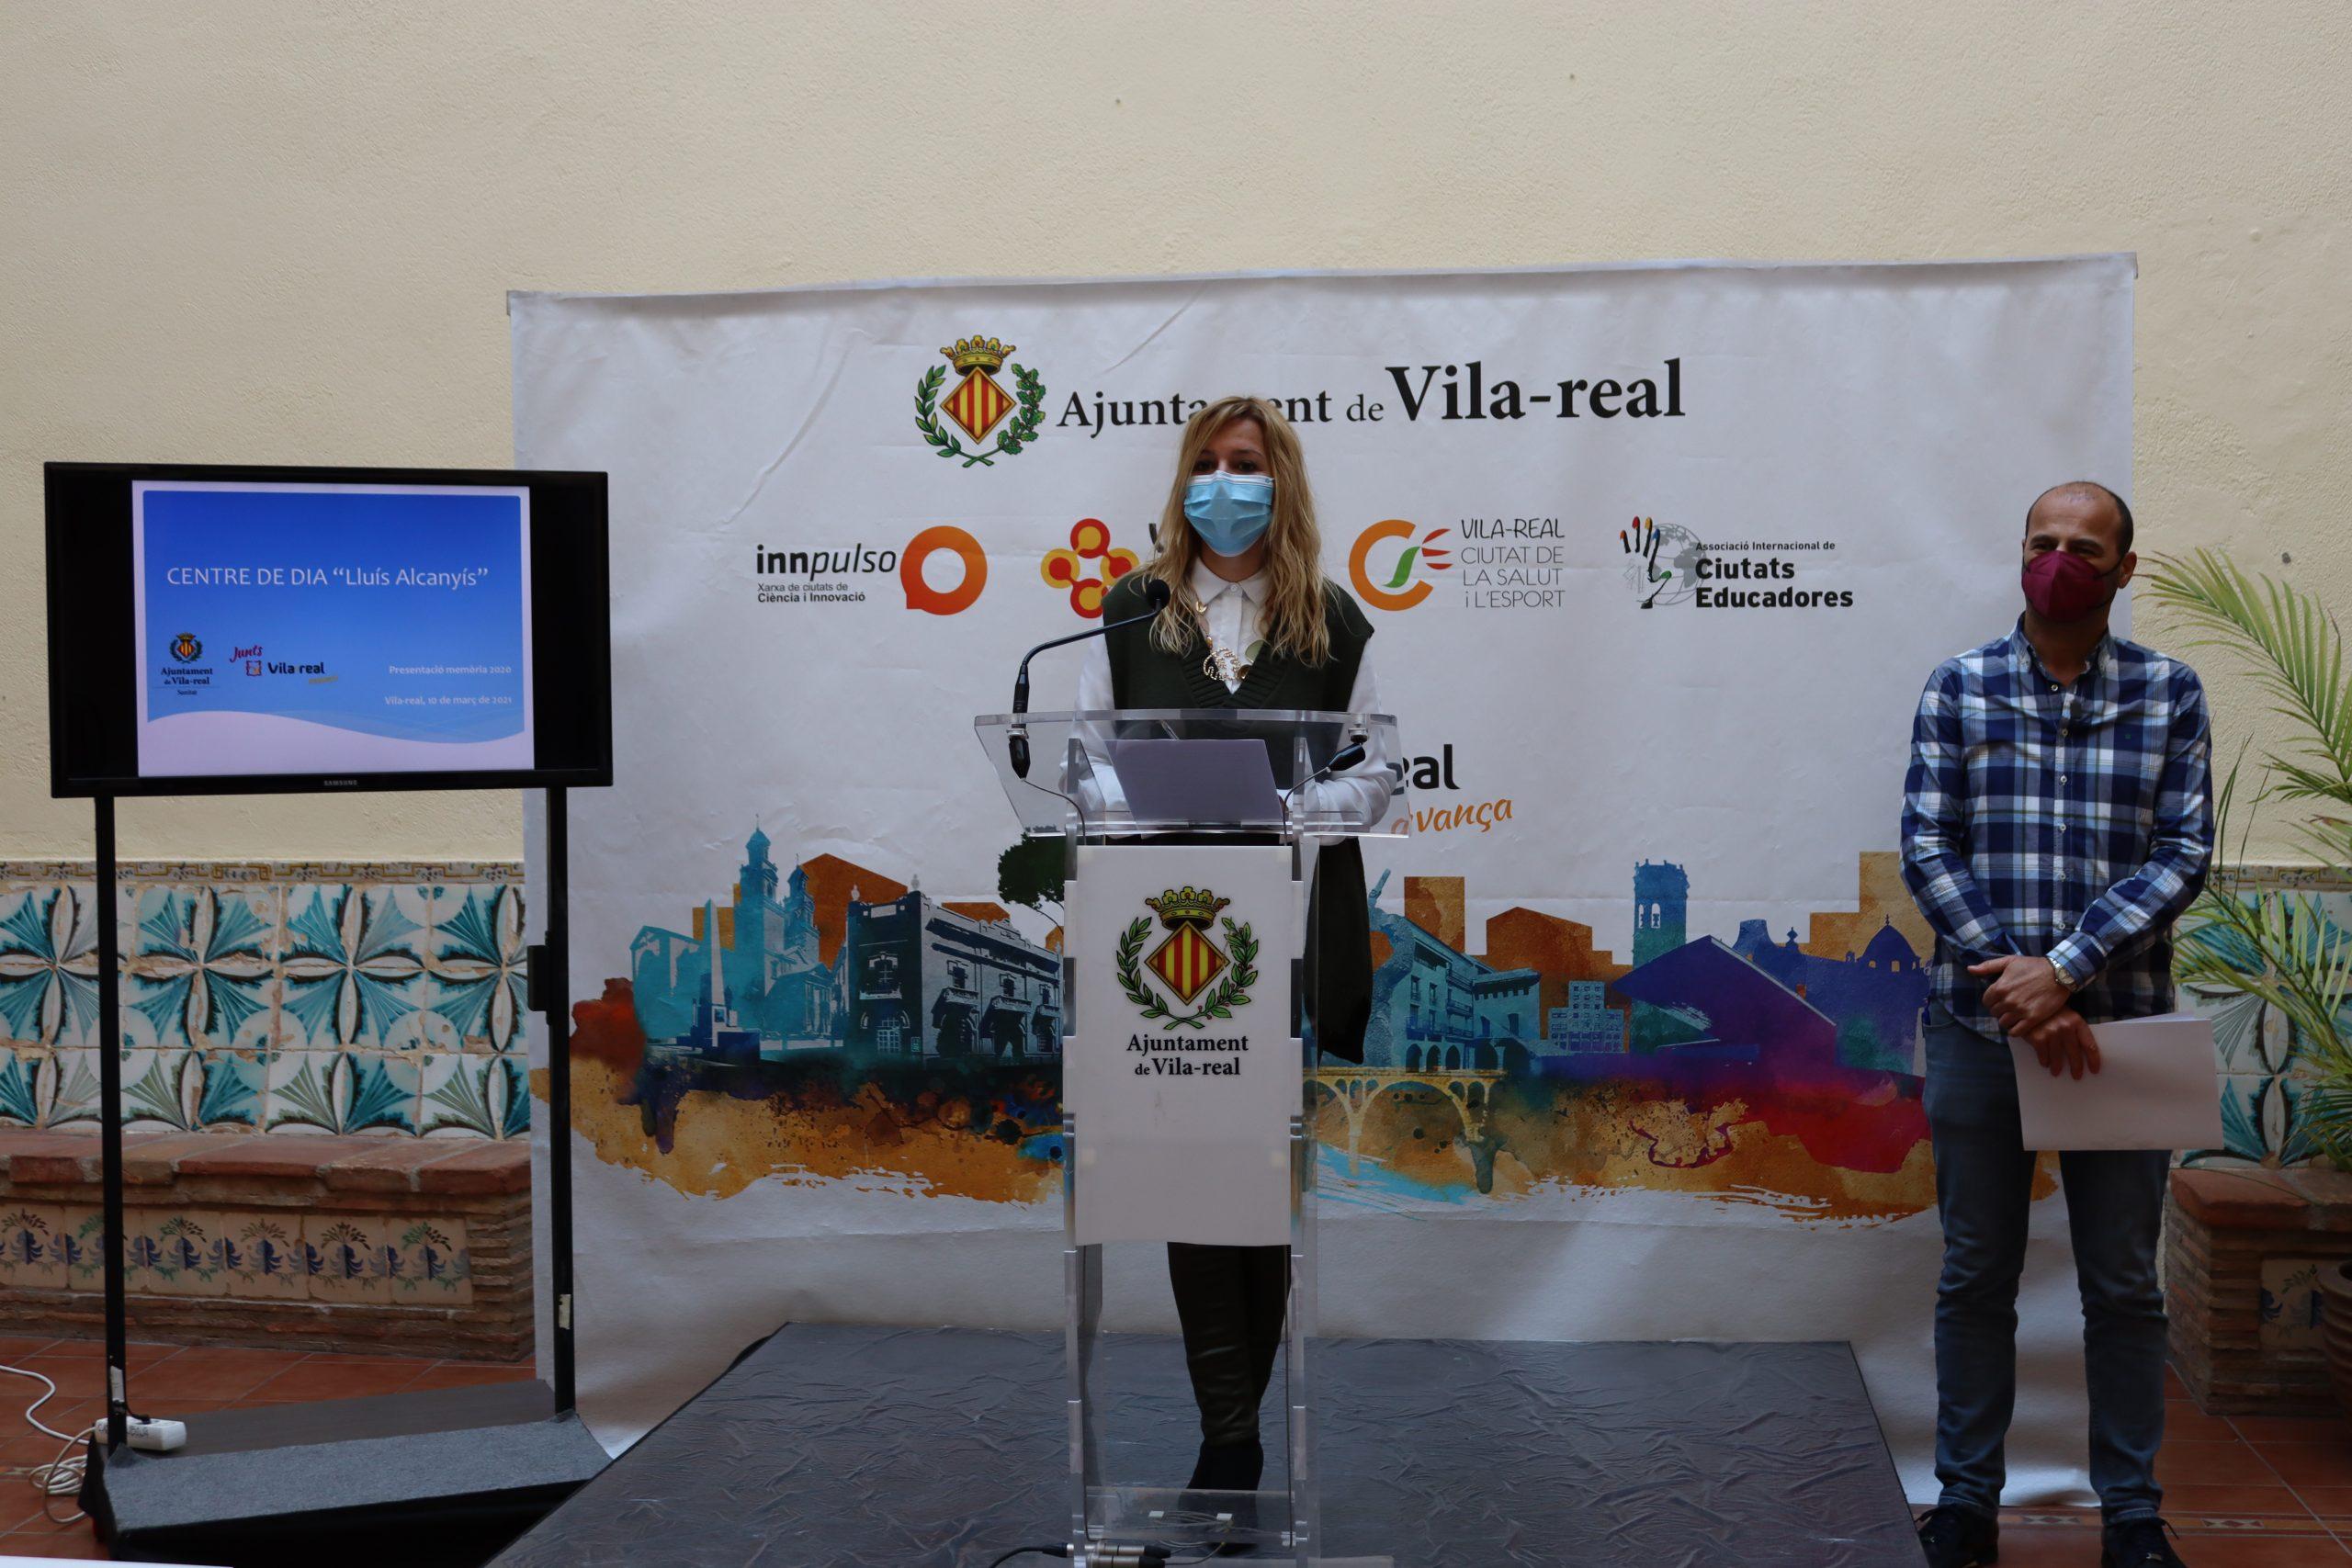 El centro de día Lluís Alcanyís atiende a más de un centenar de nuevos usuarios con problemas de adicciones en 2020 con protocolos adaptados a la situación de pandemia